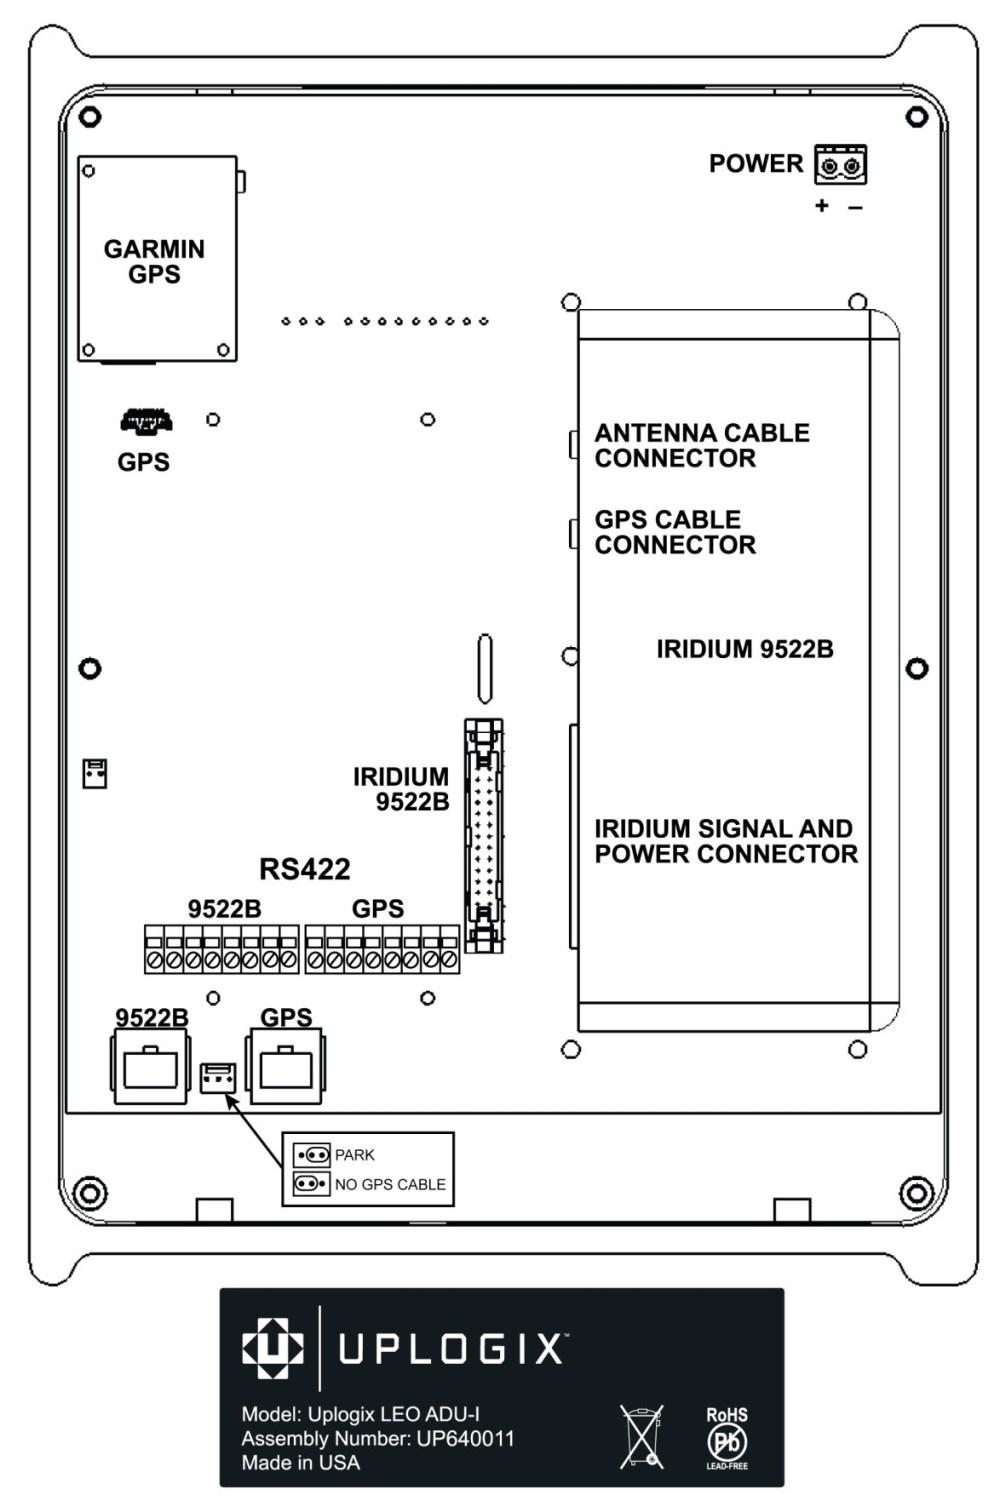 medium resolution of garmin transducer wiring diagram garmin transducer wiring diagram best gps antenna garmin gps of garmin transducer